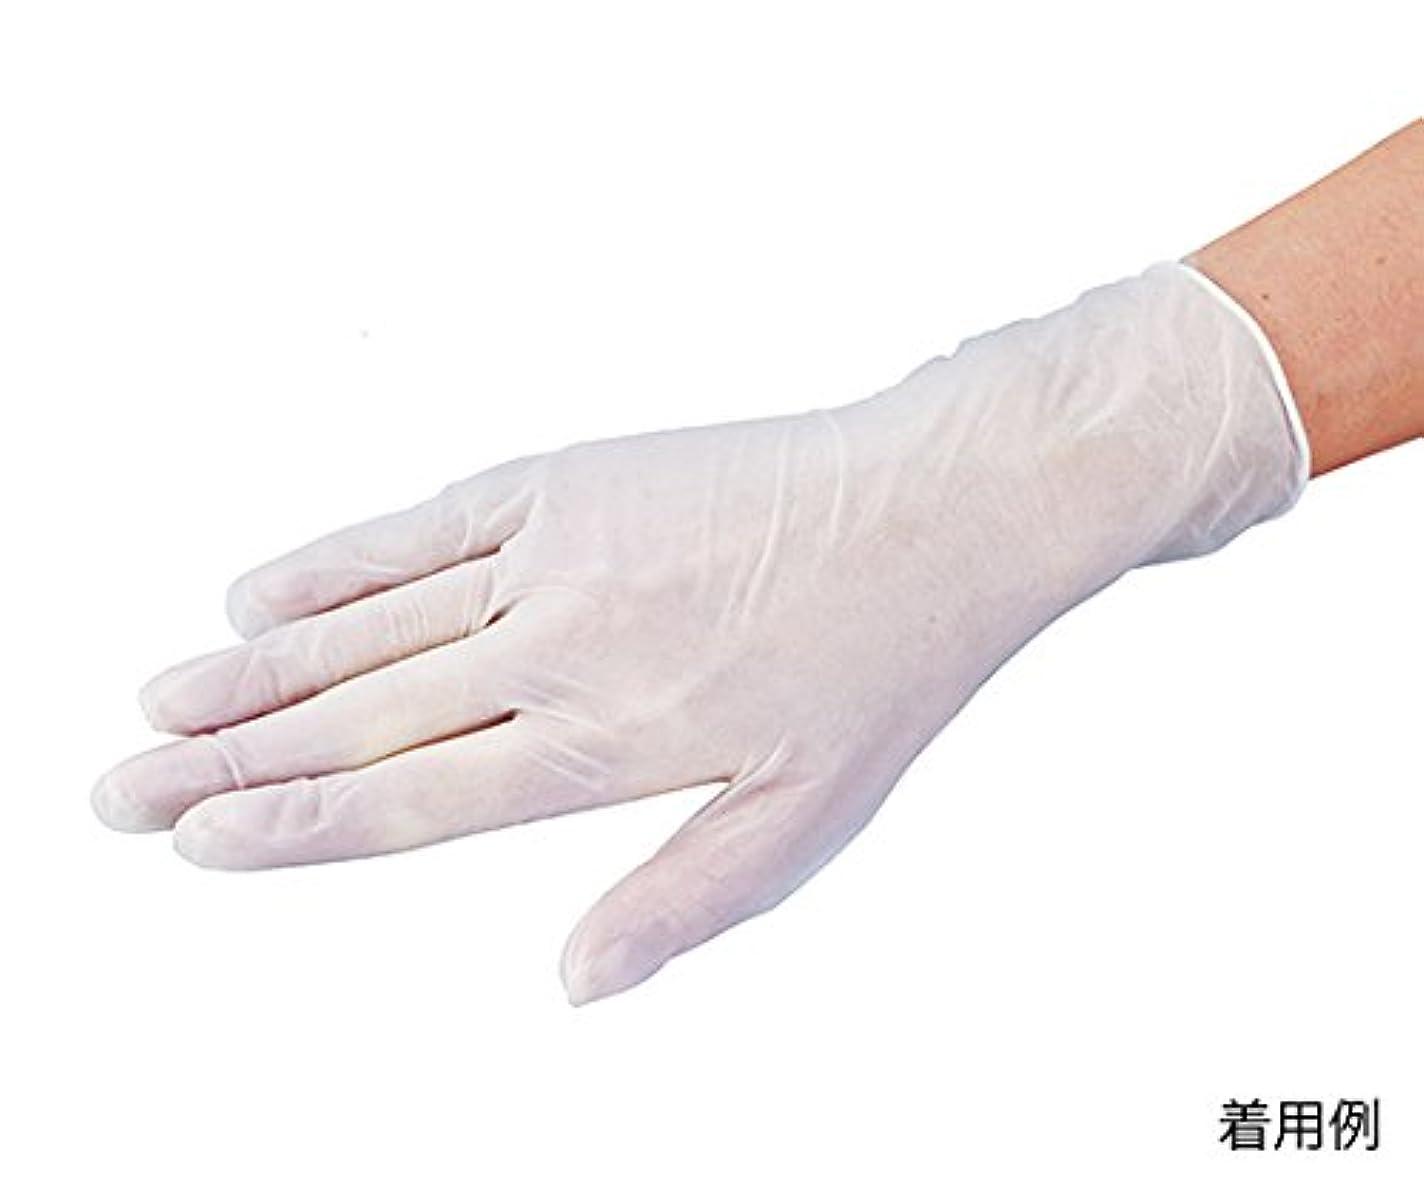 ファンドソーダ水協力するナビス(アズワン)8-9569-04プロシェアプラスチック手袋パウダー無SS1箱(100枚入)